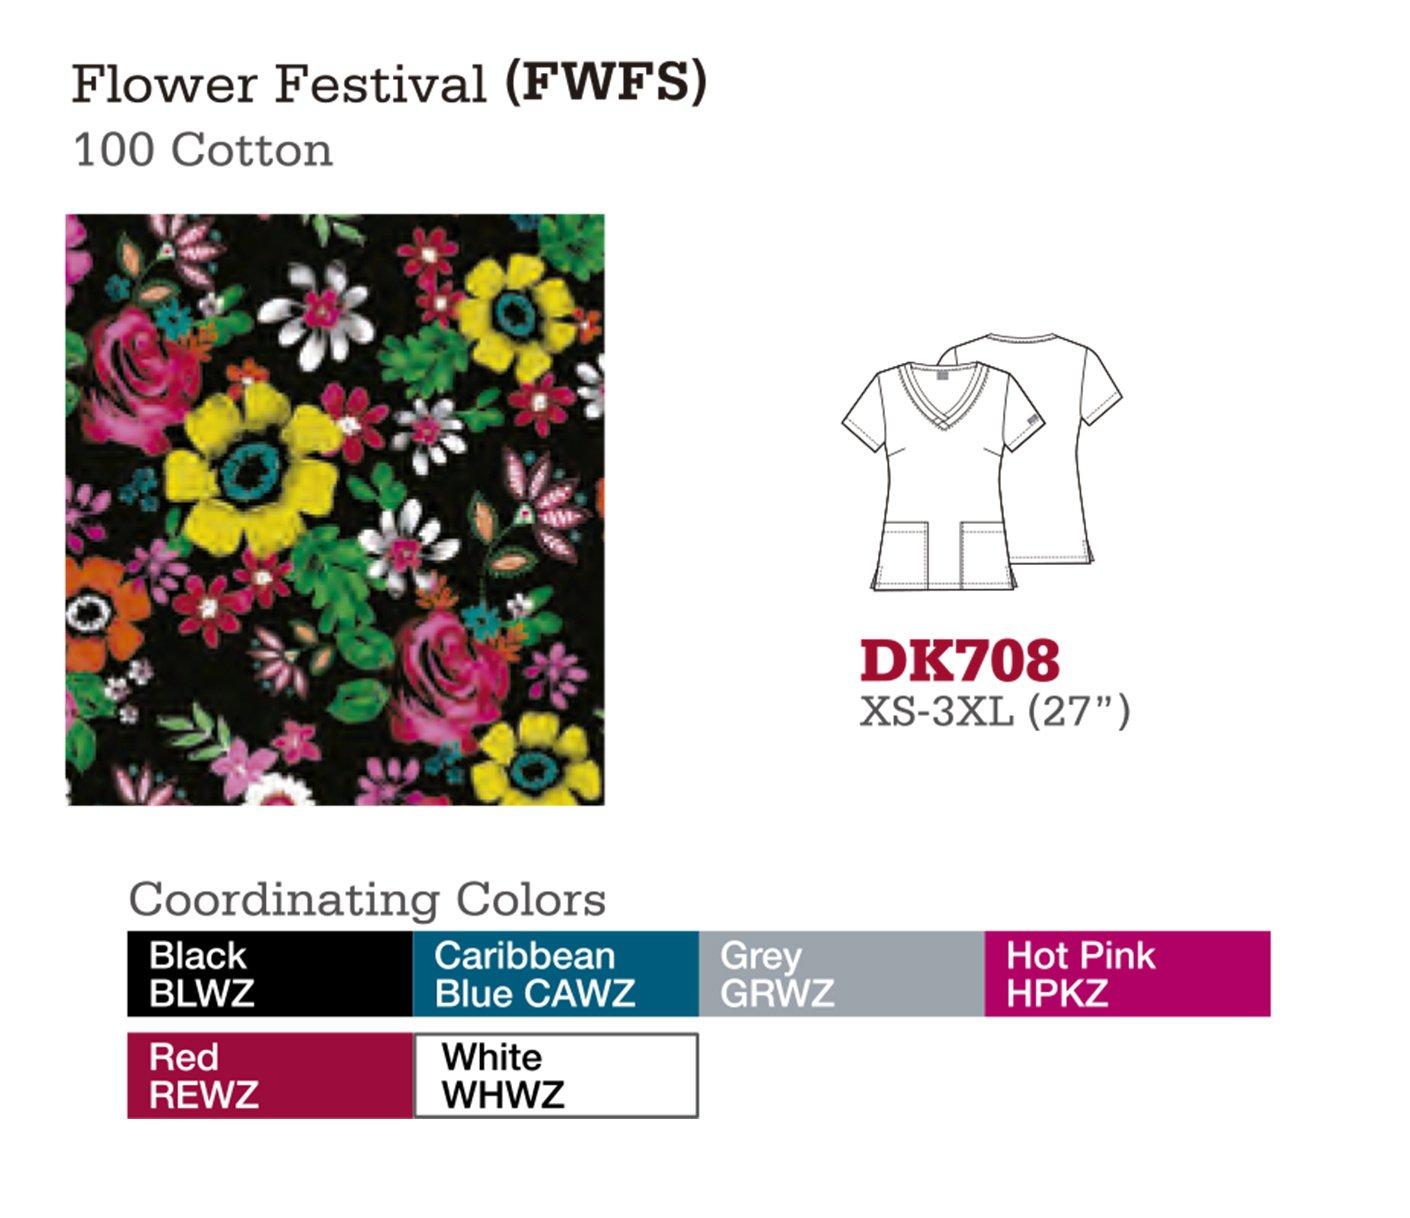 Flower Festival. DK708.